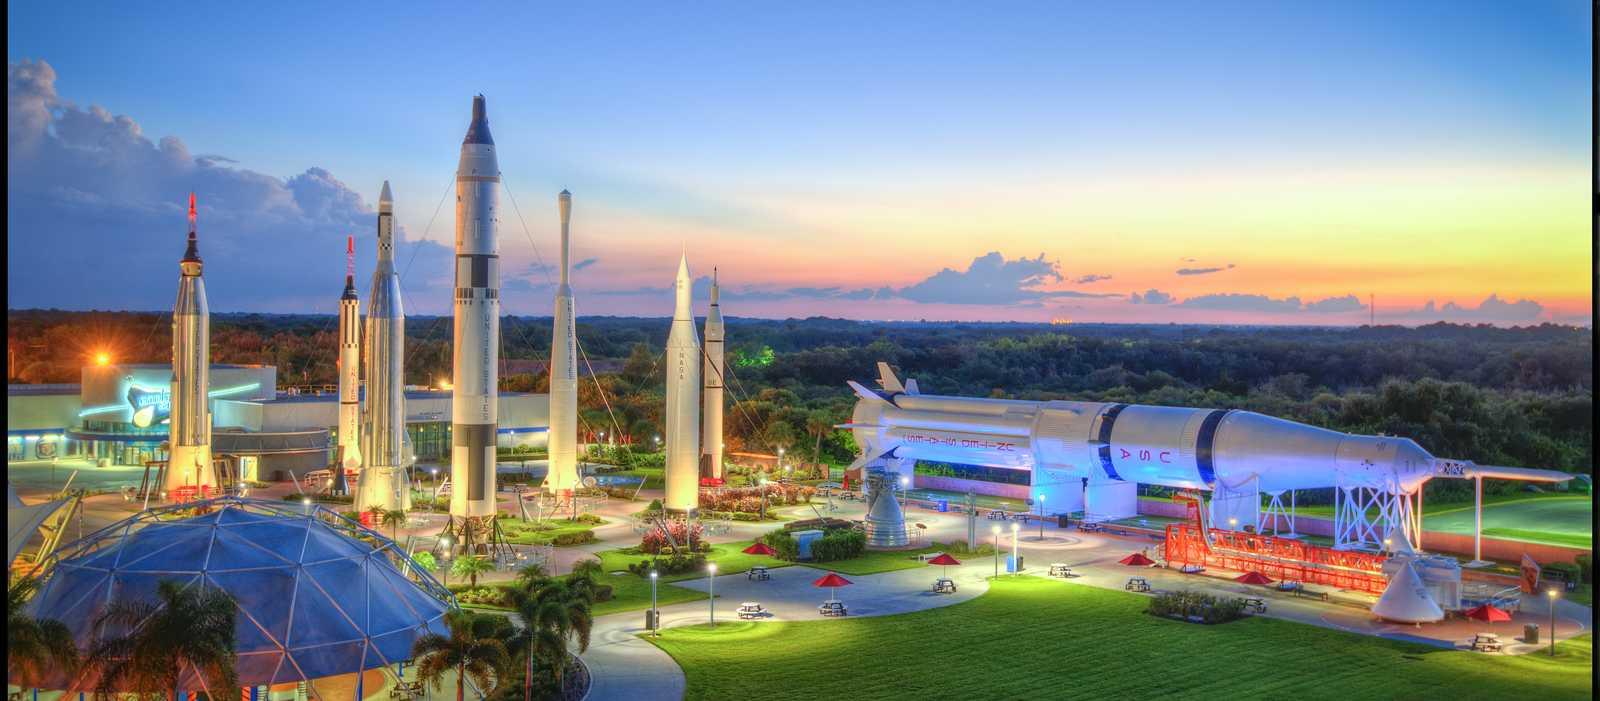 Impressionen des Kennedy Space Center in Florida